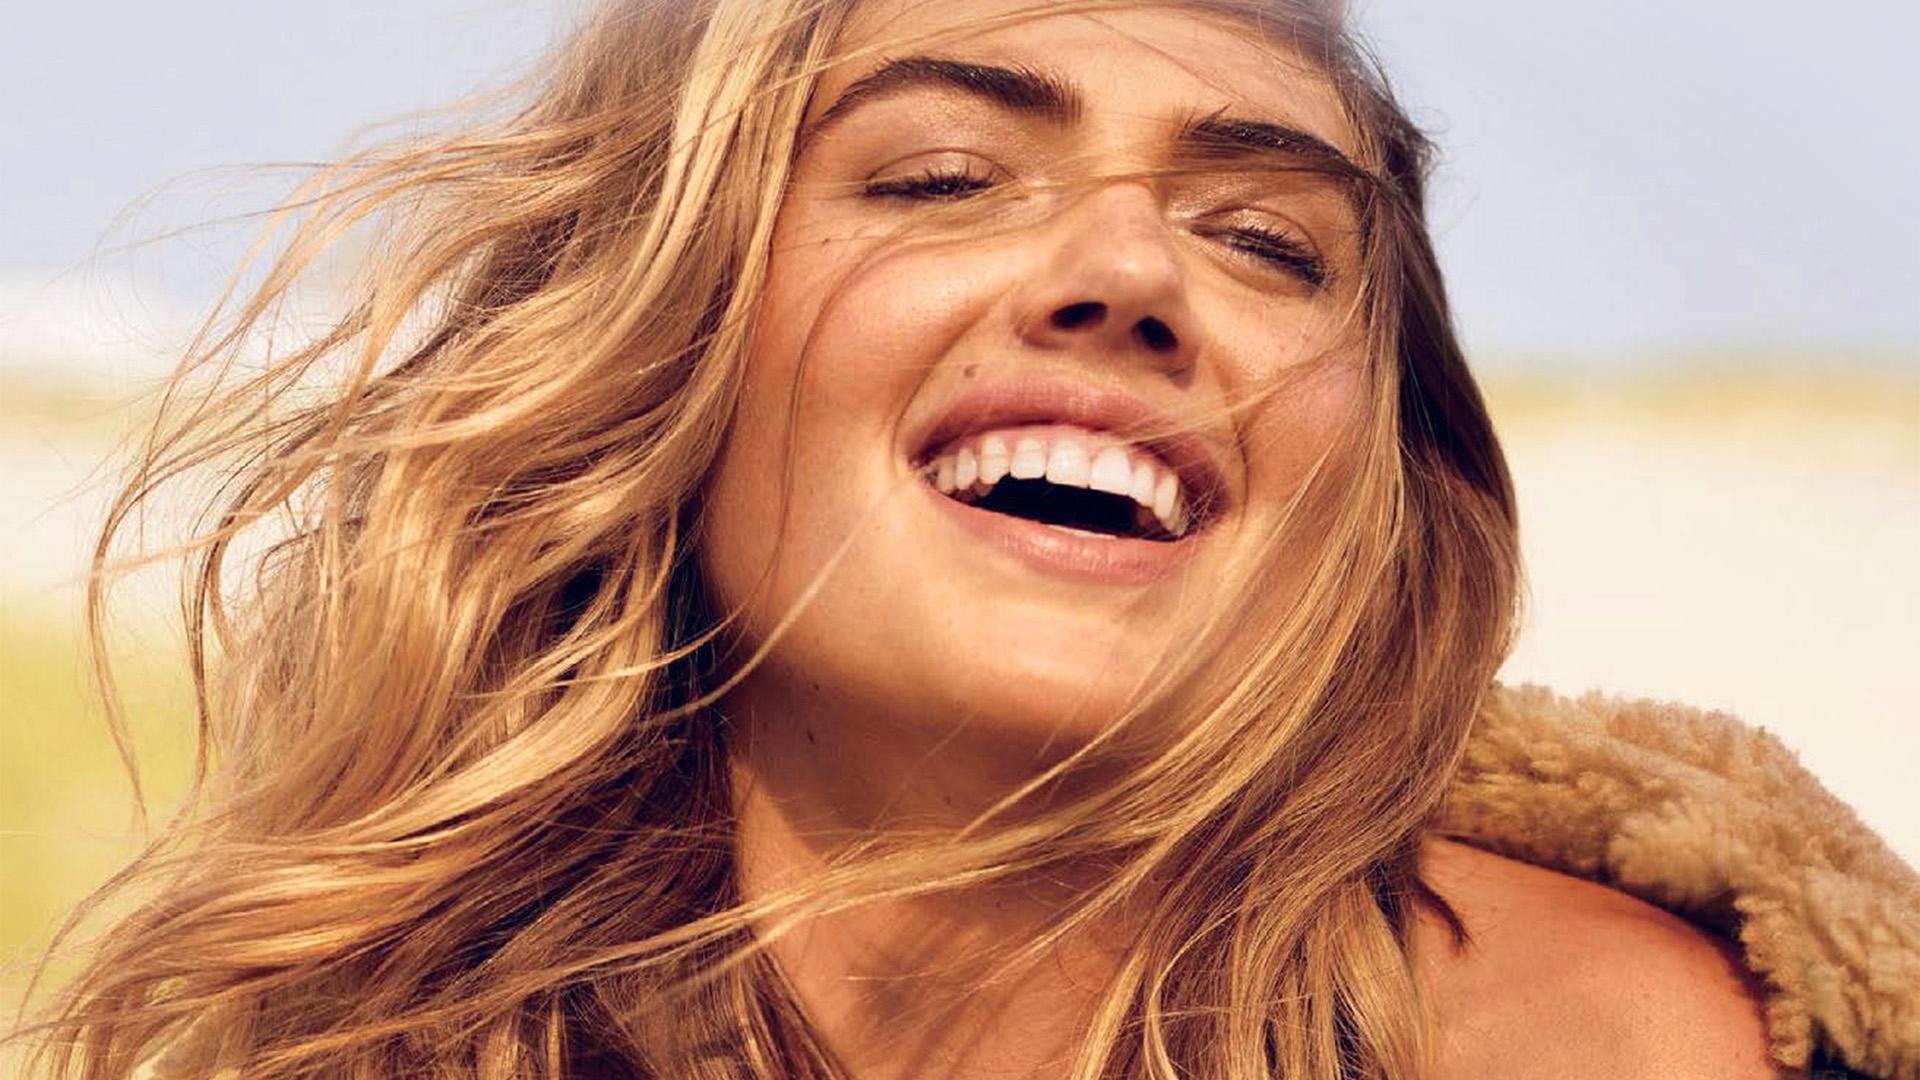 I love papers hp23 smile girl model kate upton - 4k kate upton ...